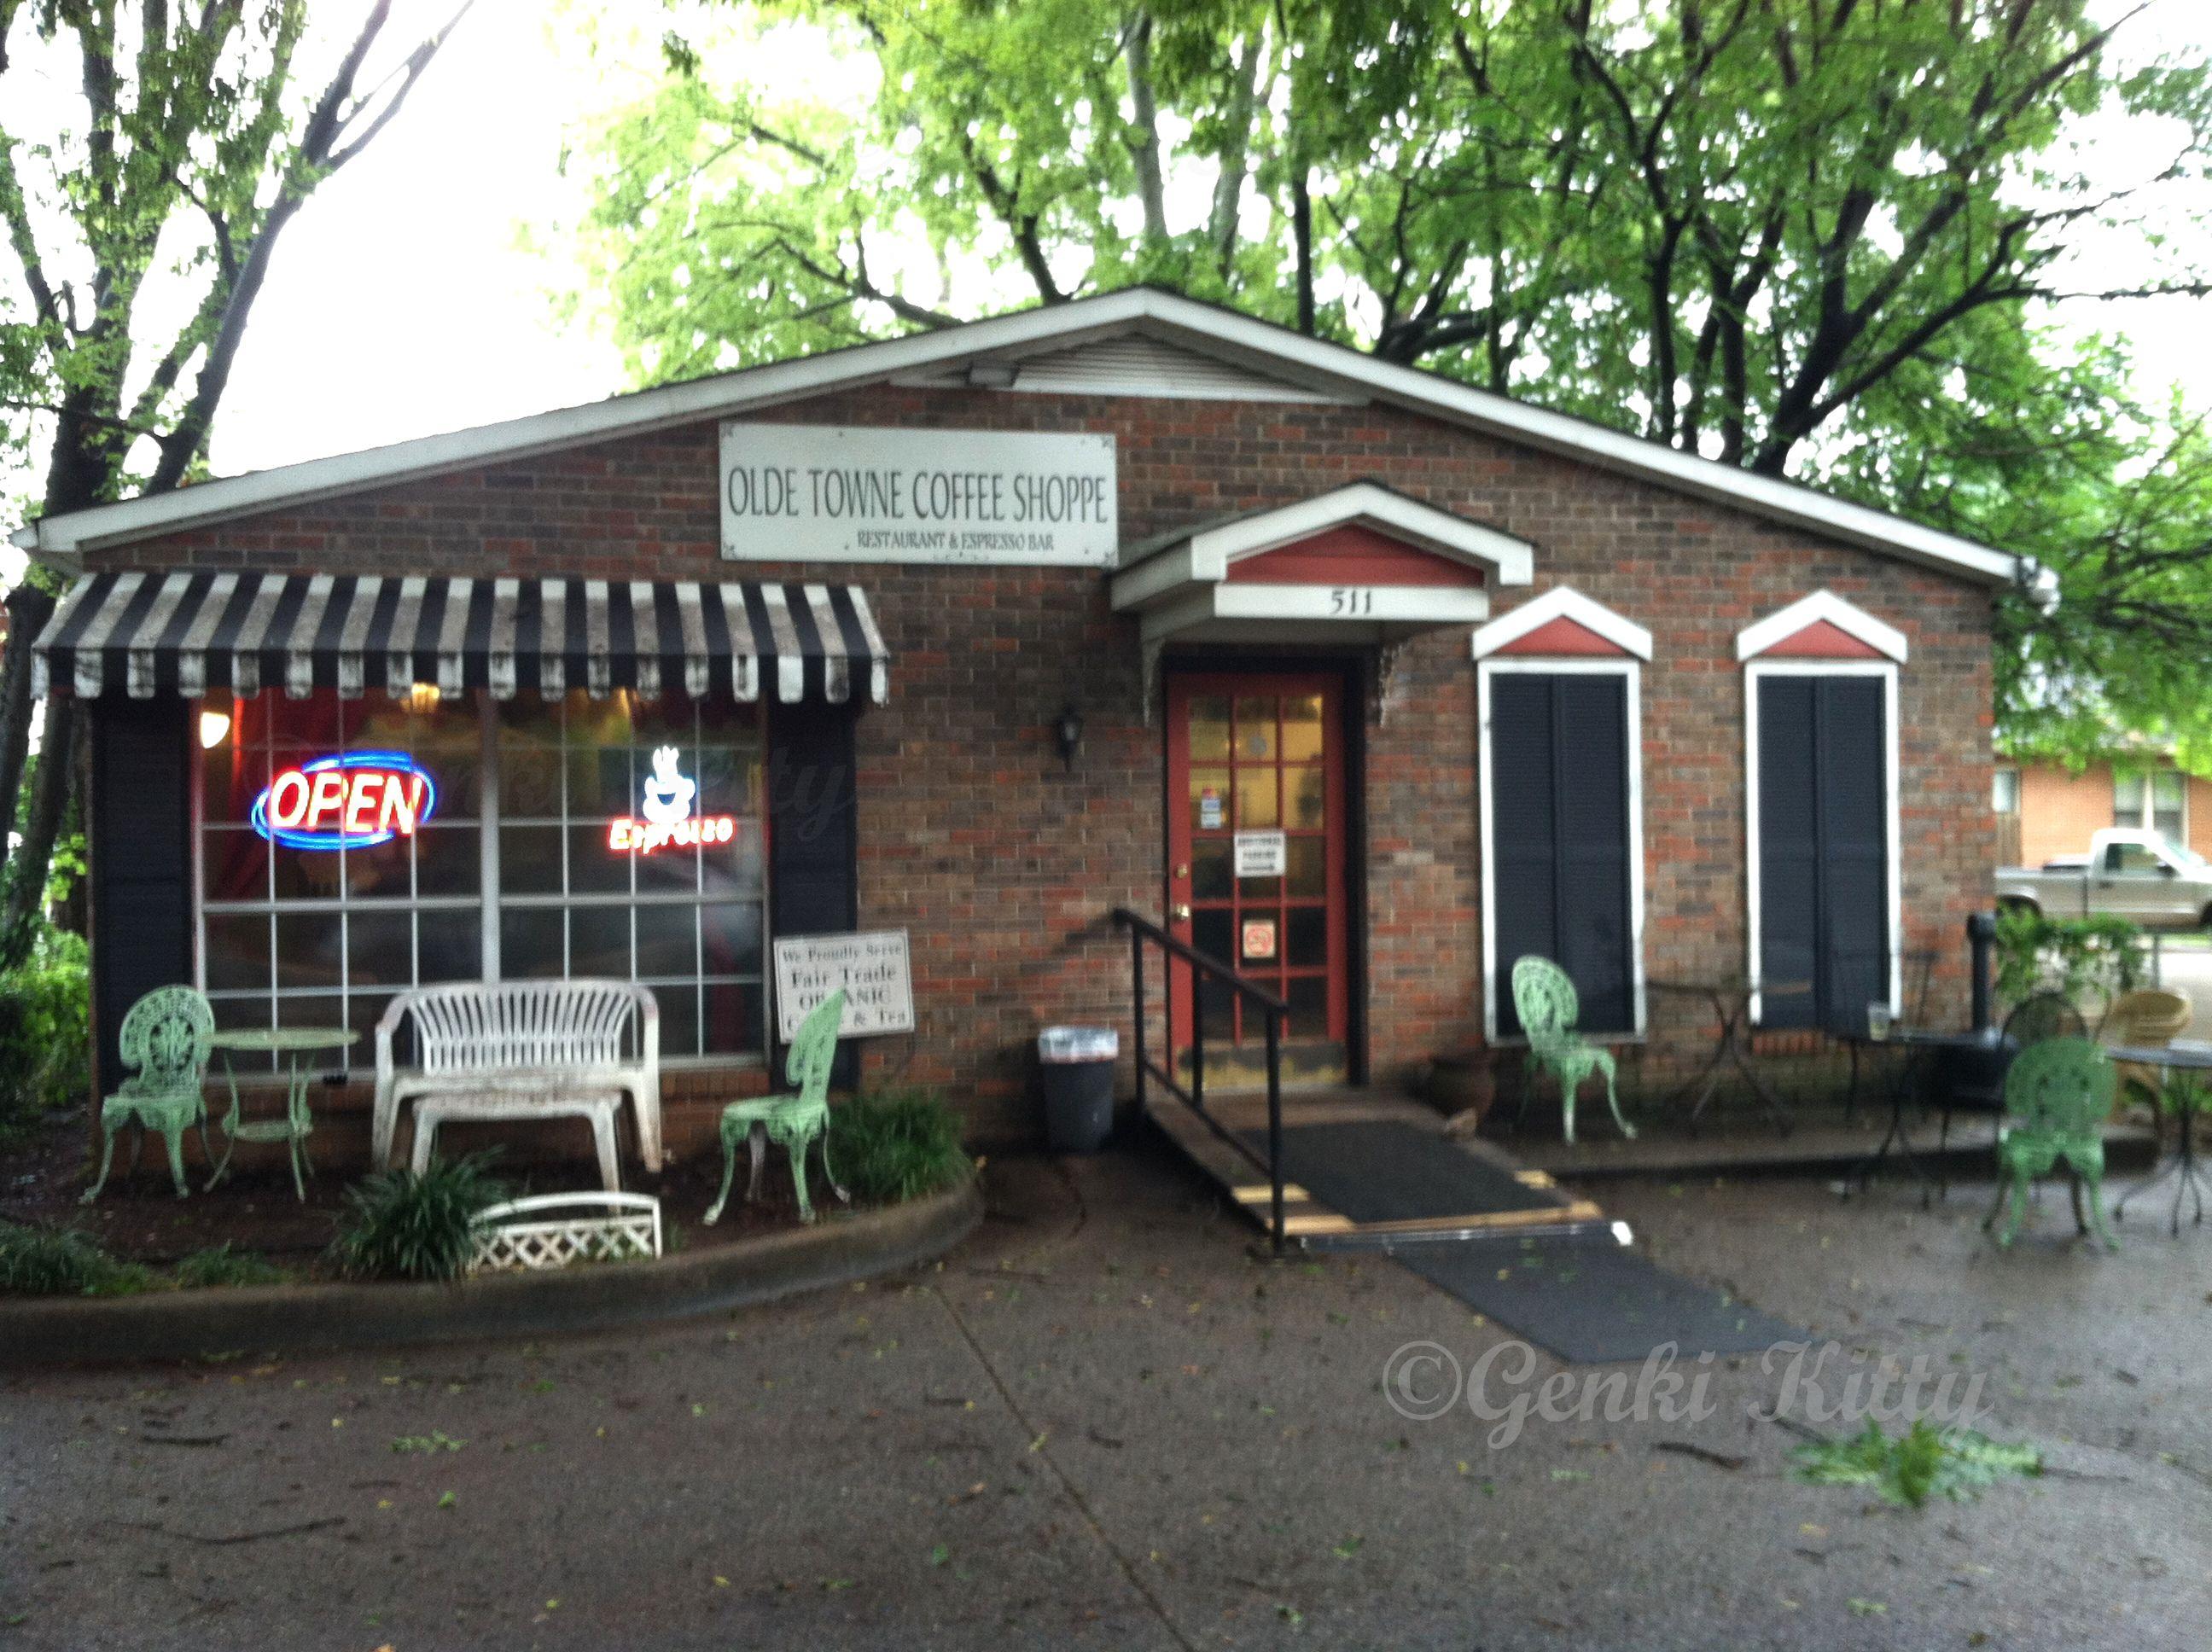 Olde Towne Coffee In Huntsville Alabama Vegan Options Oldetownecoffee Coffee Vegan Huntsville Alabama Vegan Vegan Travel Vegan Eating